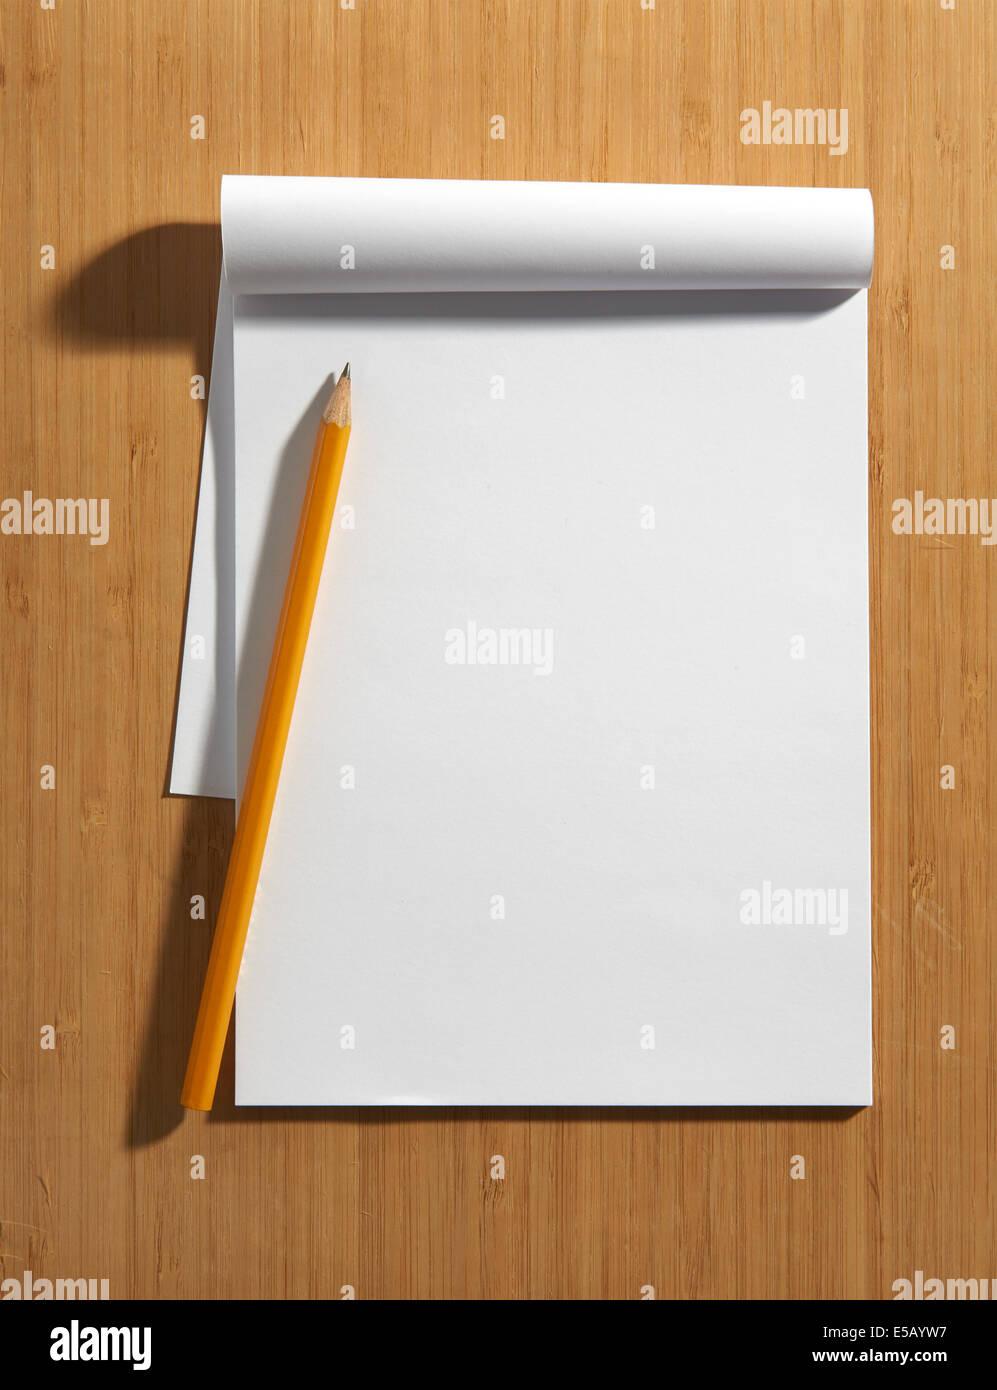 Vue de dessus d'une page blanche d'un bloc-notes avec copie espace et d'un crayon posé sur une Photo Stock